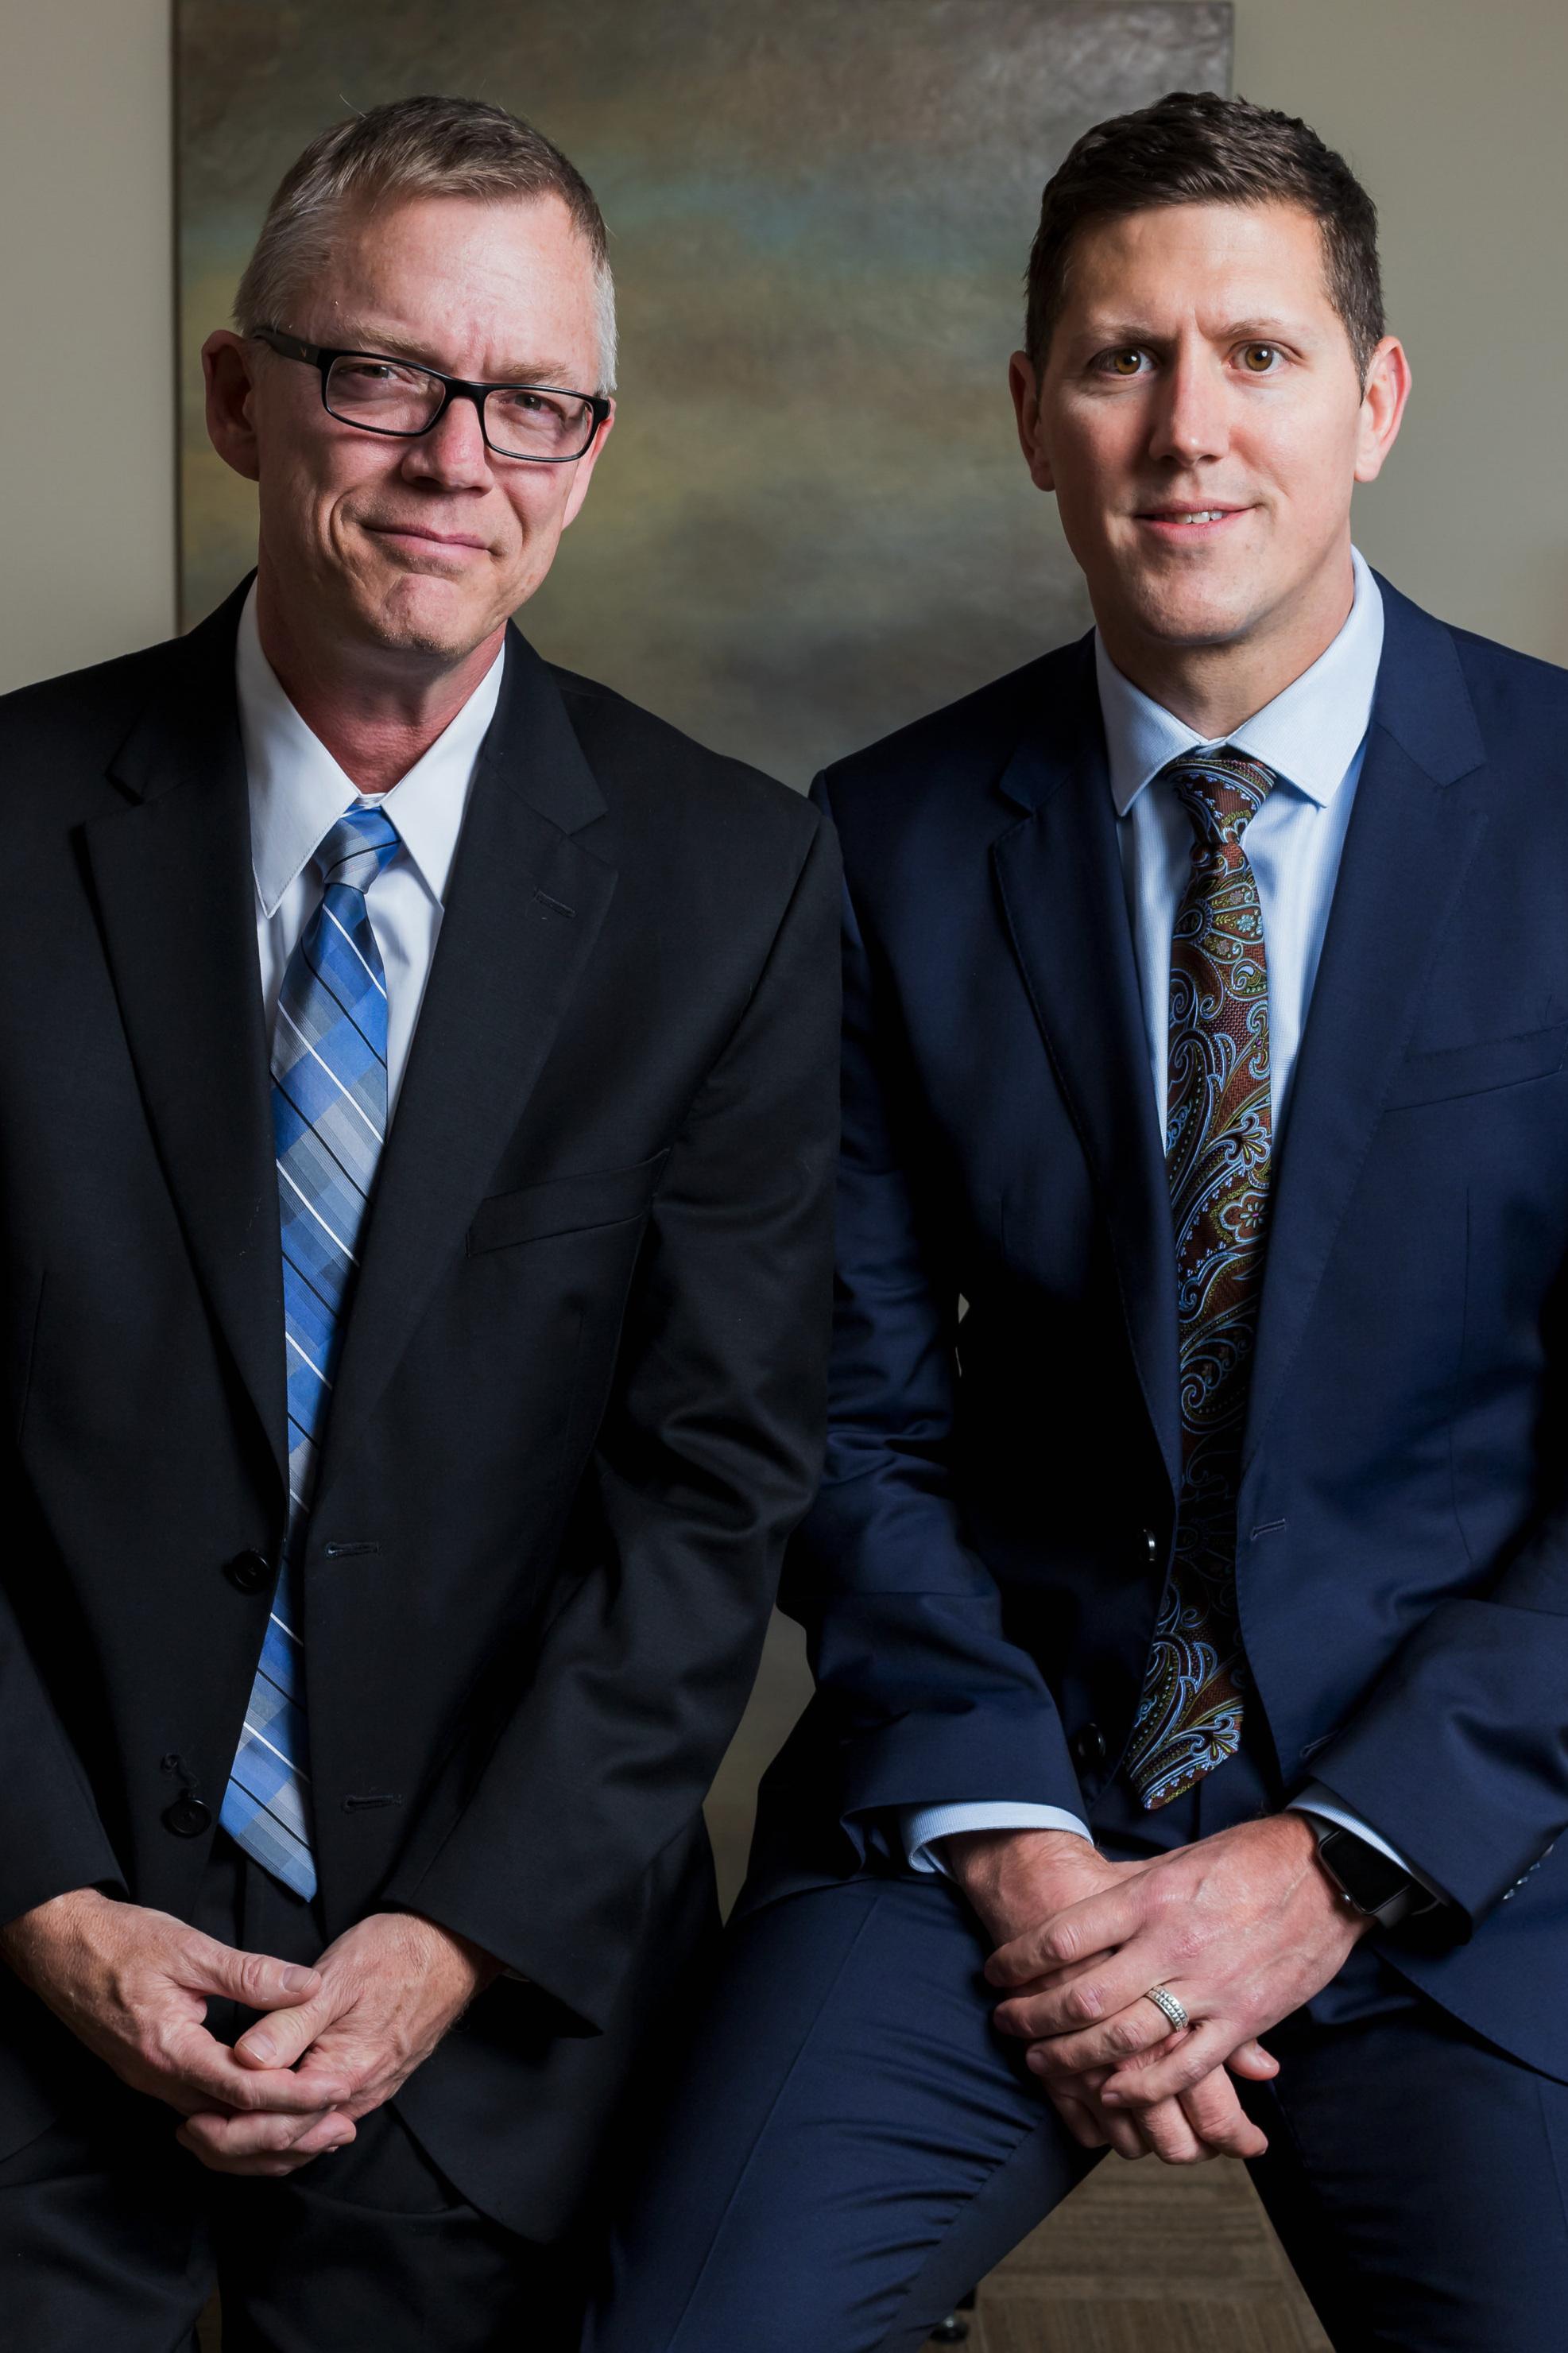 Timothy J. Calderbank & Bryce Sinner - Industry Leaders